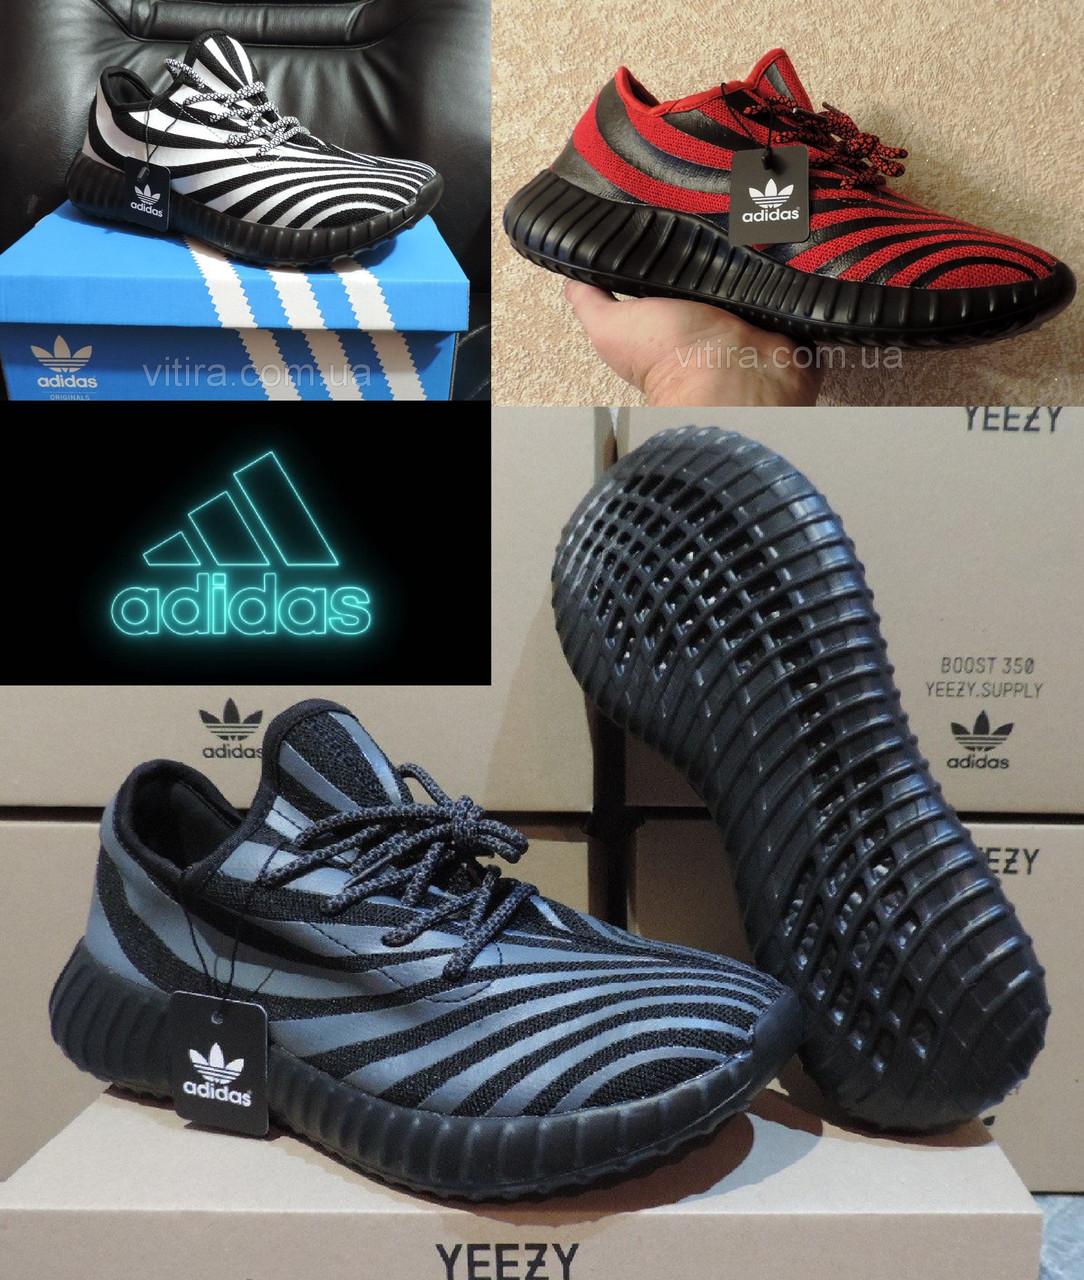 Мужские кроссовки Адидас (Adidas) Yeezy Boost V3 Zebra. Качественная реплика кроссовки Адидас Изи Буст.